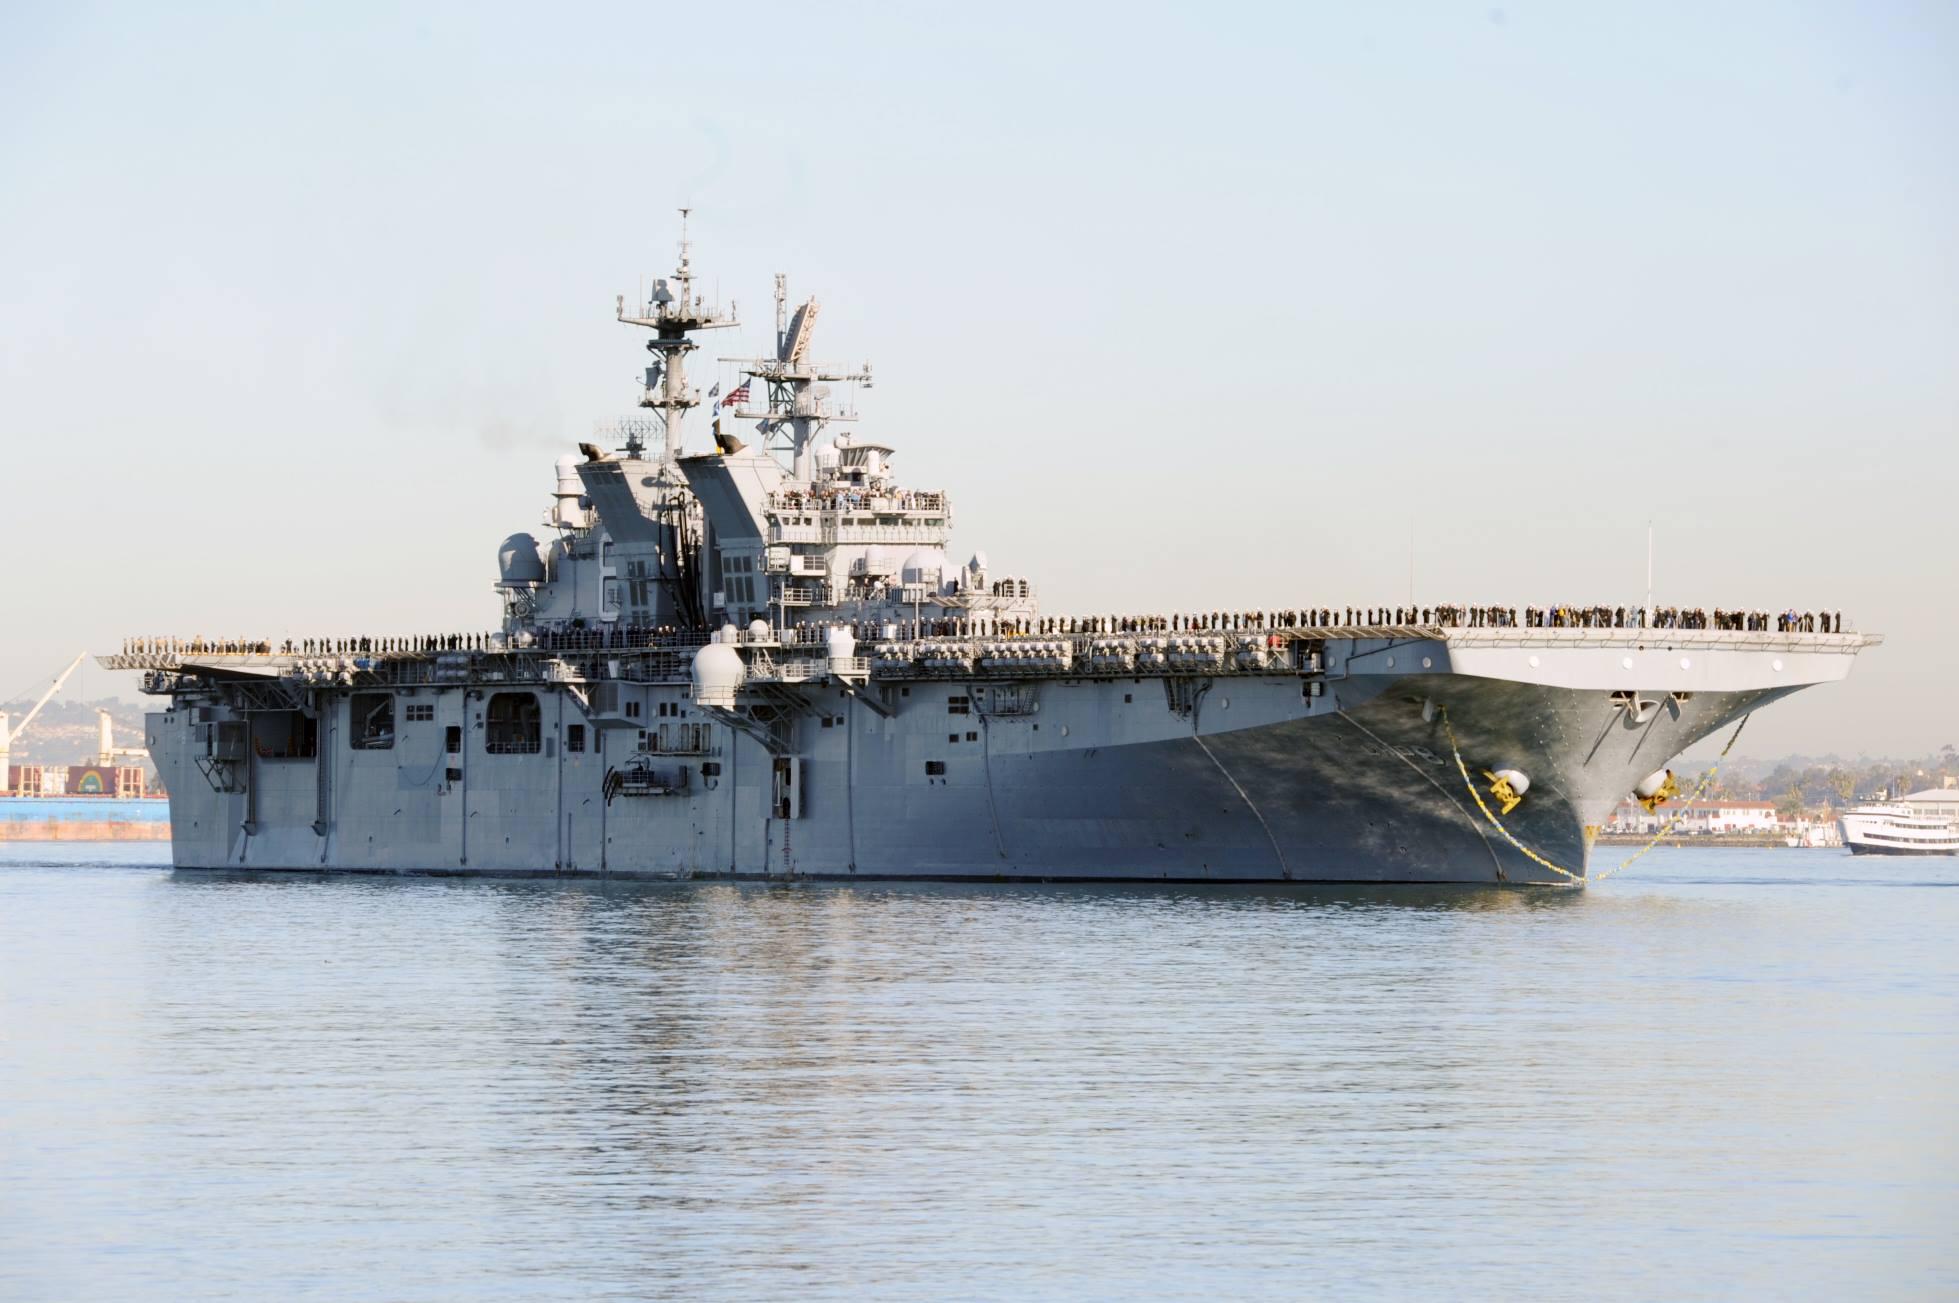 USS MAKIN ISLAND LHD-8 Einlaufen San Diego am 25.02.2015 Bild: U.S. Navy